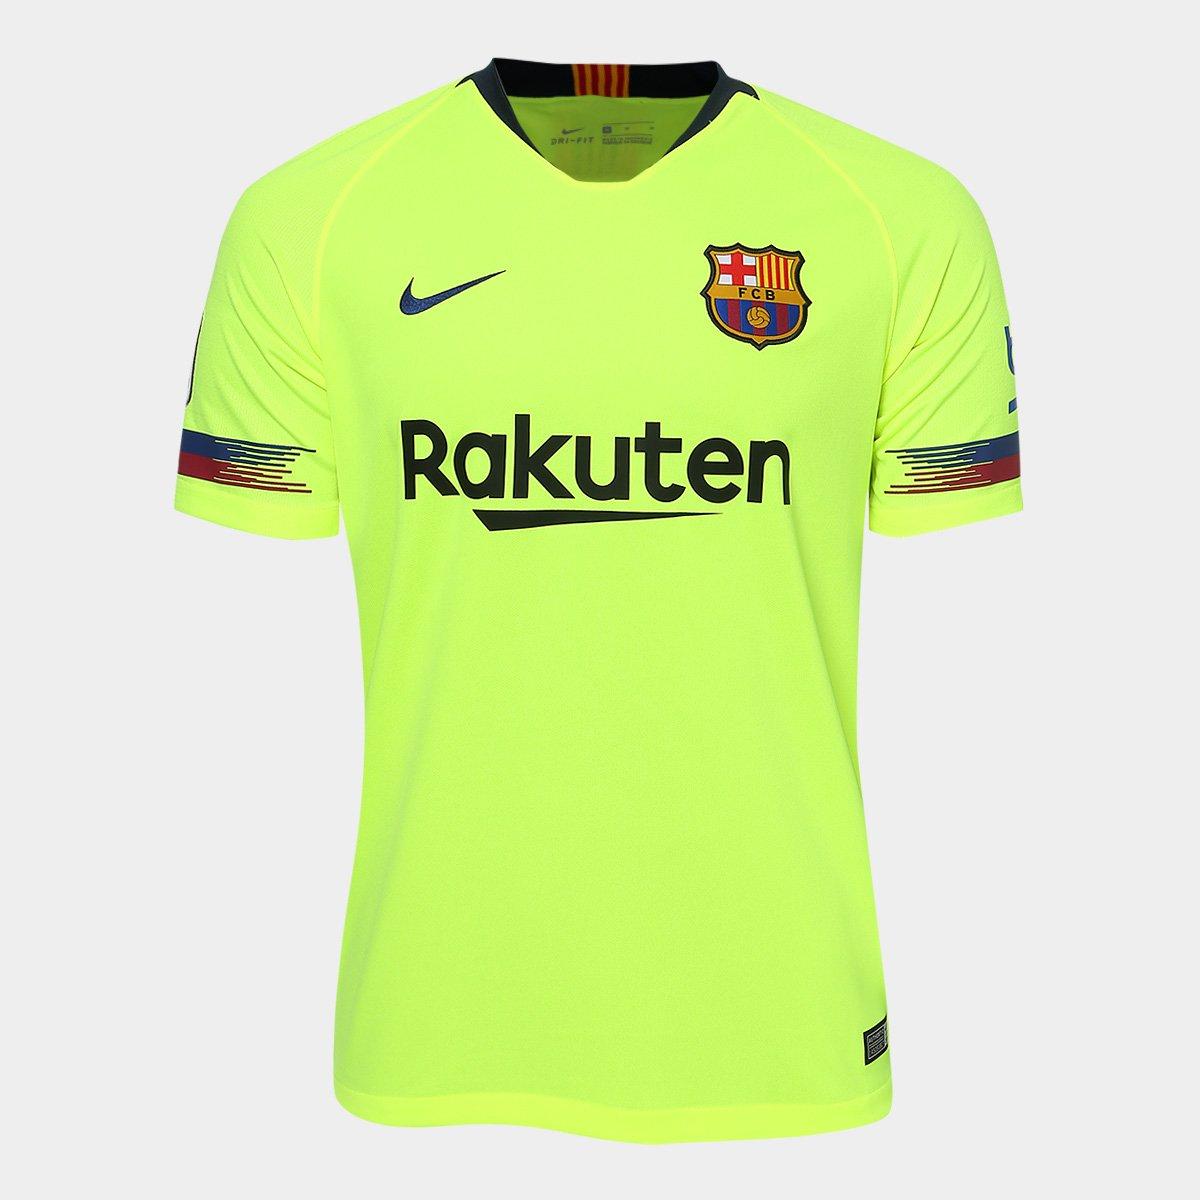 d2a05b63ca Camisa Barcelona Away 2018 s n° - Torcedor Nike Masculina